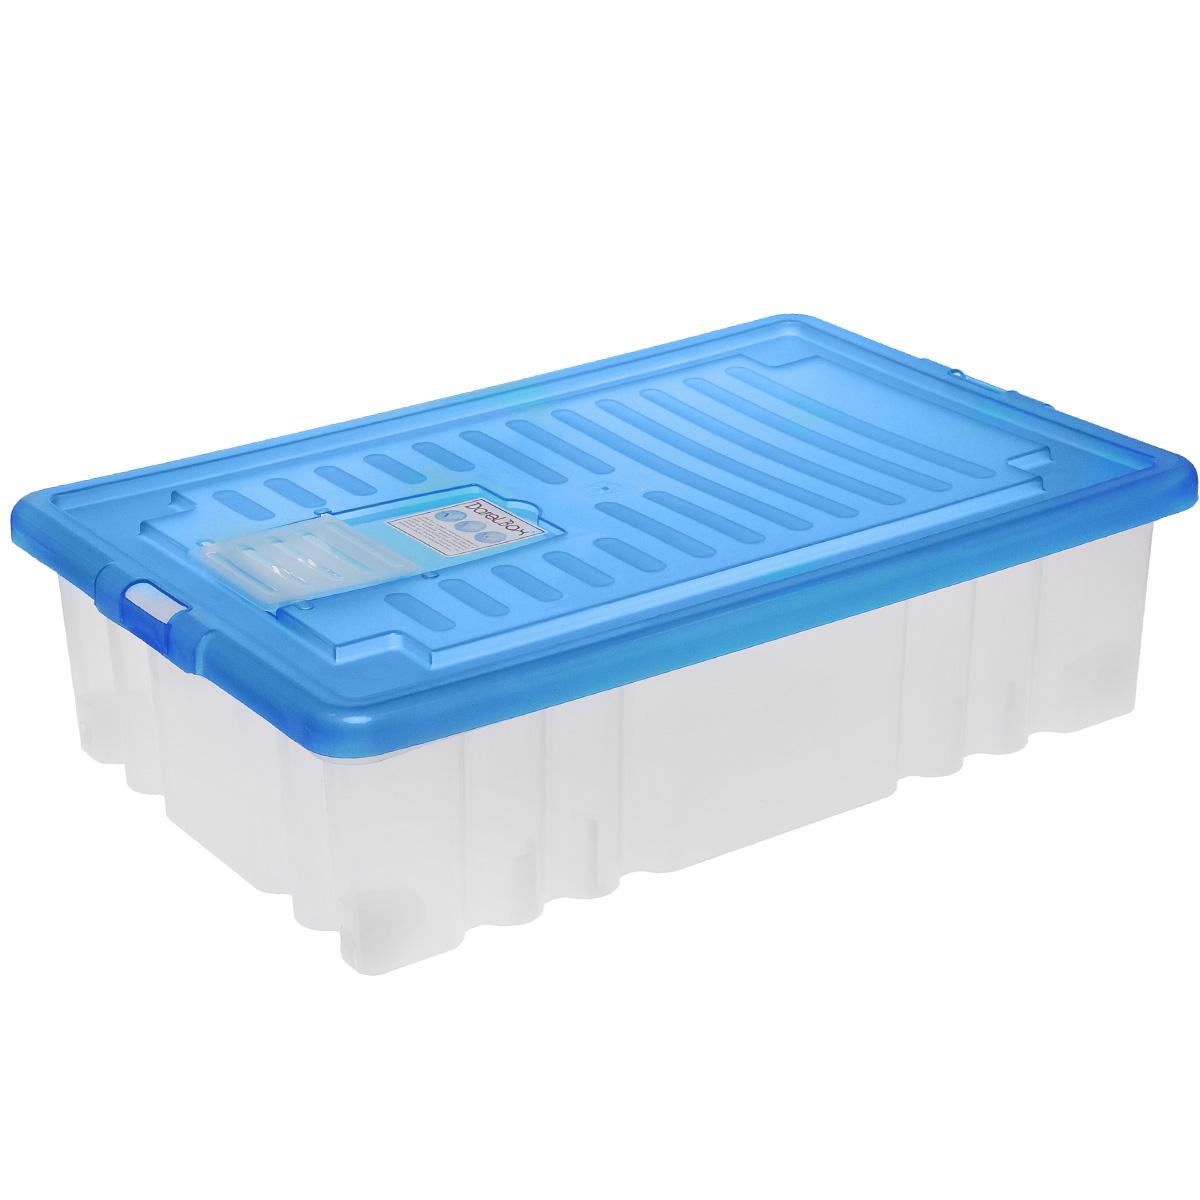 Ящик Darel Box, с крышкой, цвет: синий, прозрачный, 36 лES-412Ящик Darel Box, изготовленный из пластика, оснащен плотно закрывающейся крышкой и специальным клапаном для антимолиевых и дезодорирующих веществ. Изделие предназначено для хранения различных бытовых вещей. Идеально подойдет для хранения белья, продуктов, игрушек. Будет незаменим на даче, в гараже или кладовой. Выдерживает температурные перепады от -25°С до +95°С. Изделие имеет четыре маленьких колесика, обеспечивающих удобство перемещения ящика. Колеса бокса могут принимать два положения: утопленное - для хранения, и рабочее - для перемещения. Размер ящика: 61 см х 40 см х 17 см.